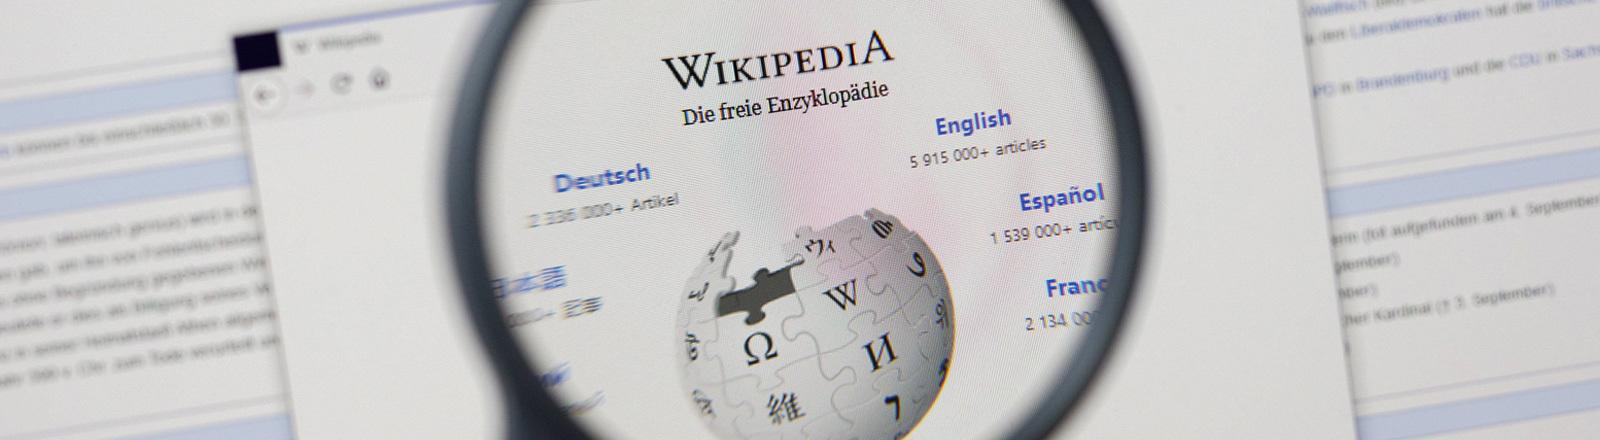 Wikipedia-Seite im Netz abfotografiert. Mit einer Lupe wird das Logo vergrößert dargestellt.